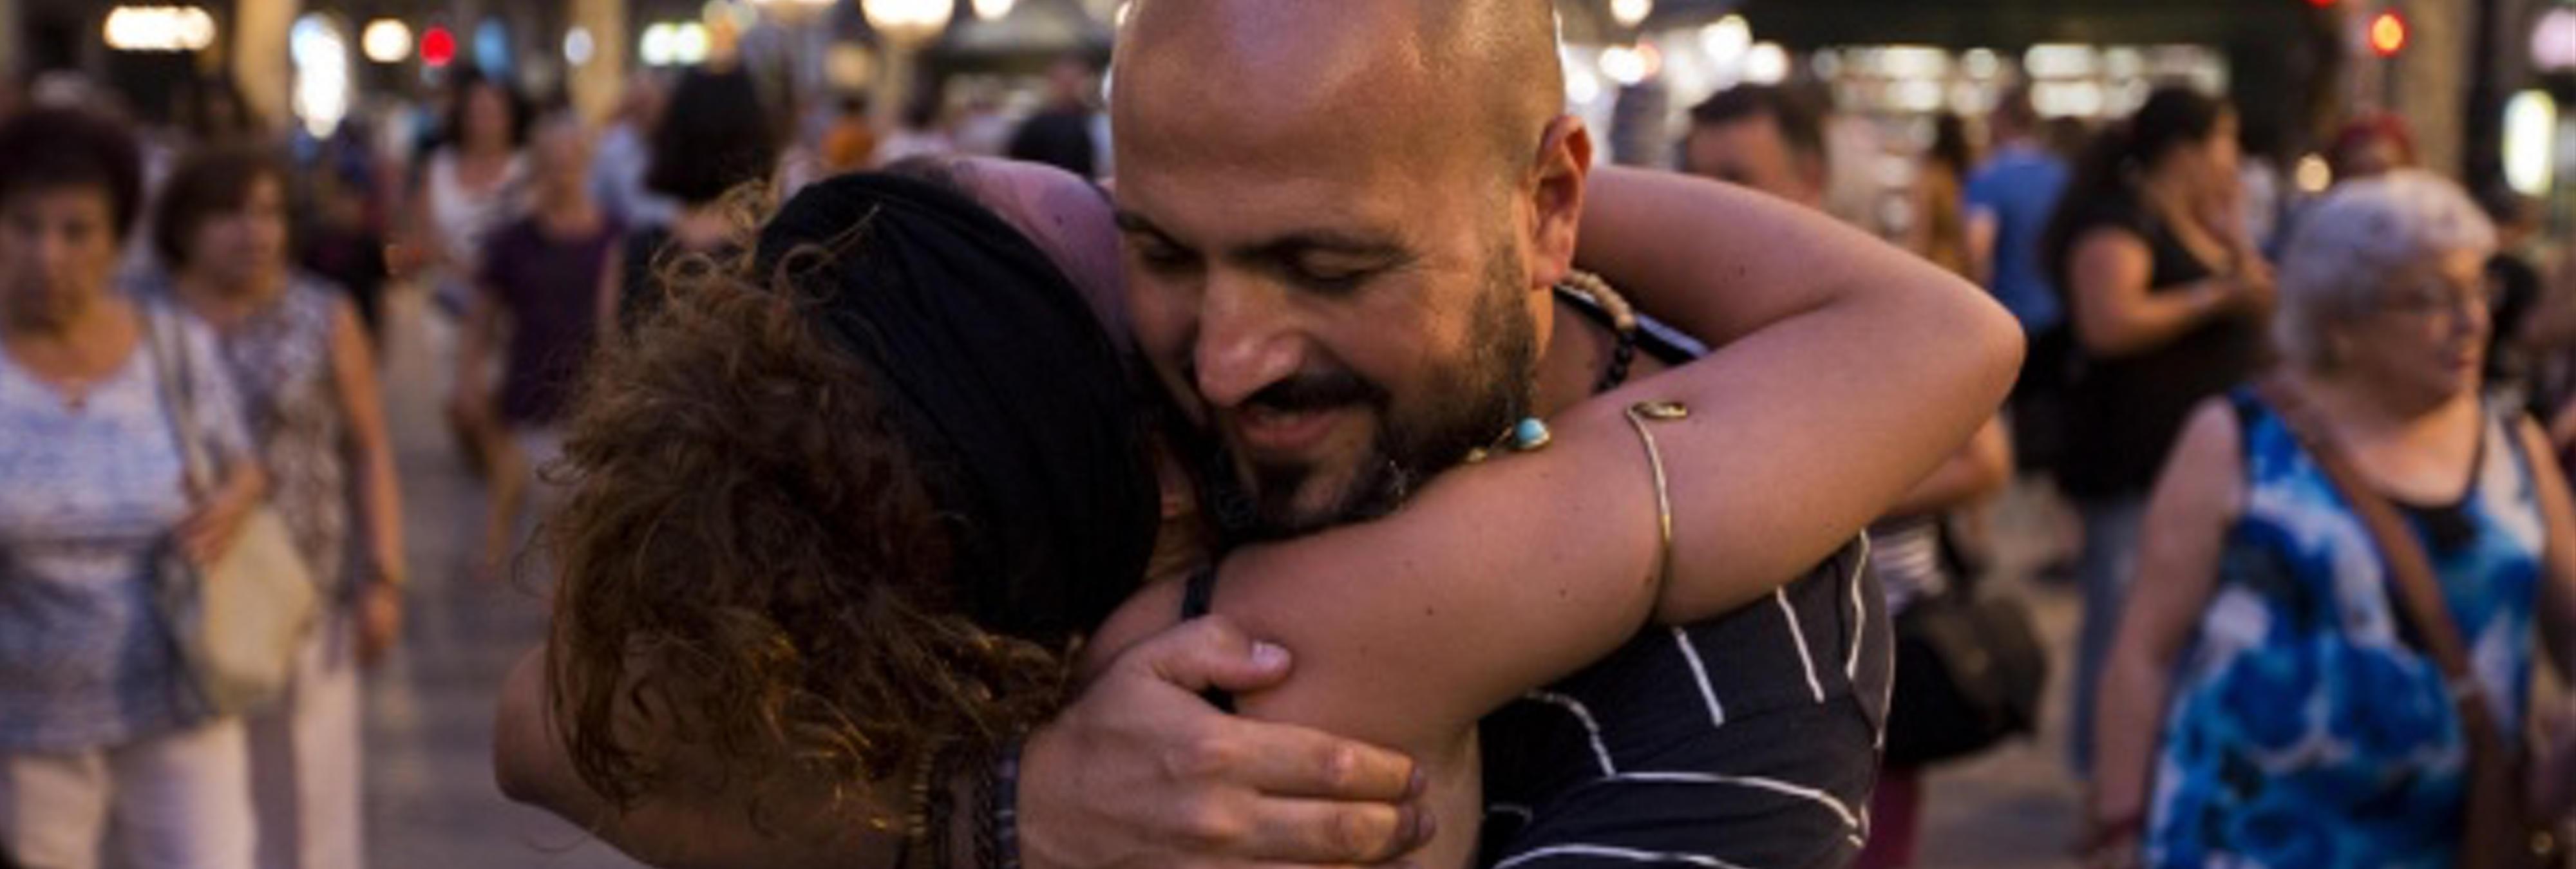 """Un musulmán reparte """"abrazos de amor y paz"""" en La Rambla"""